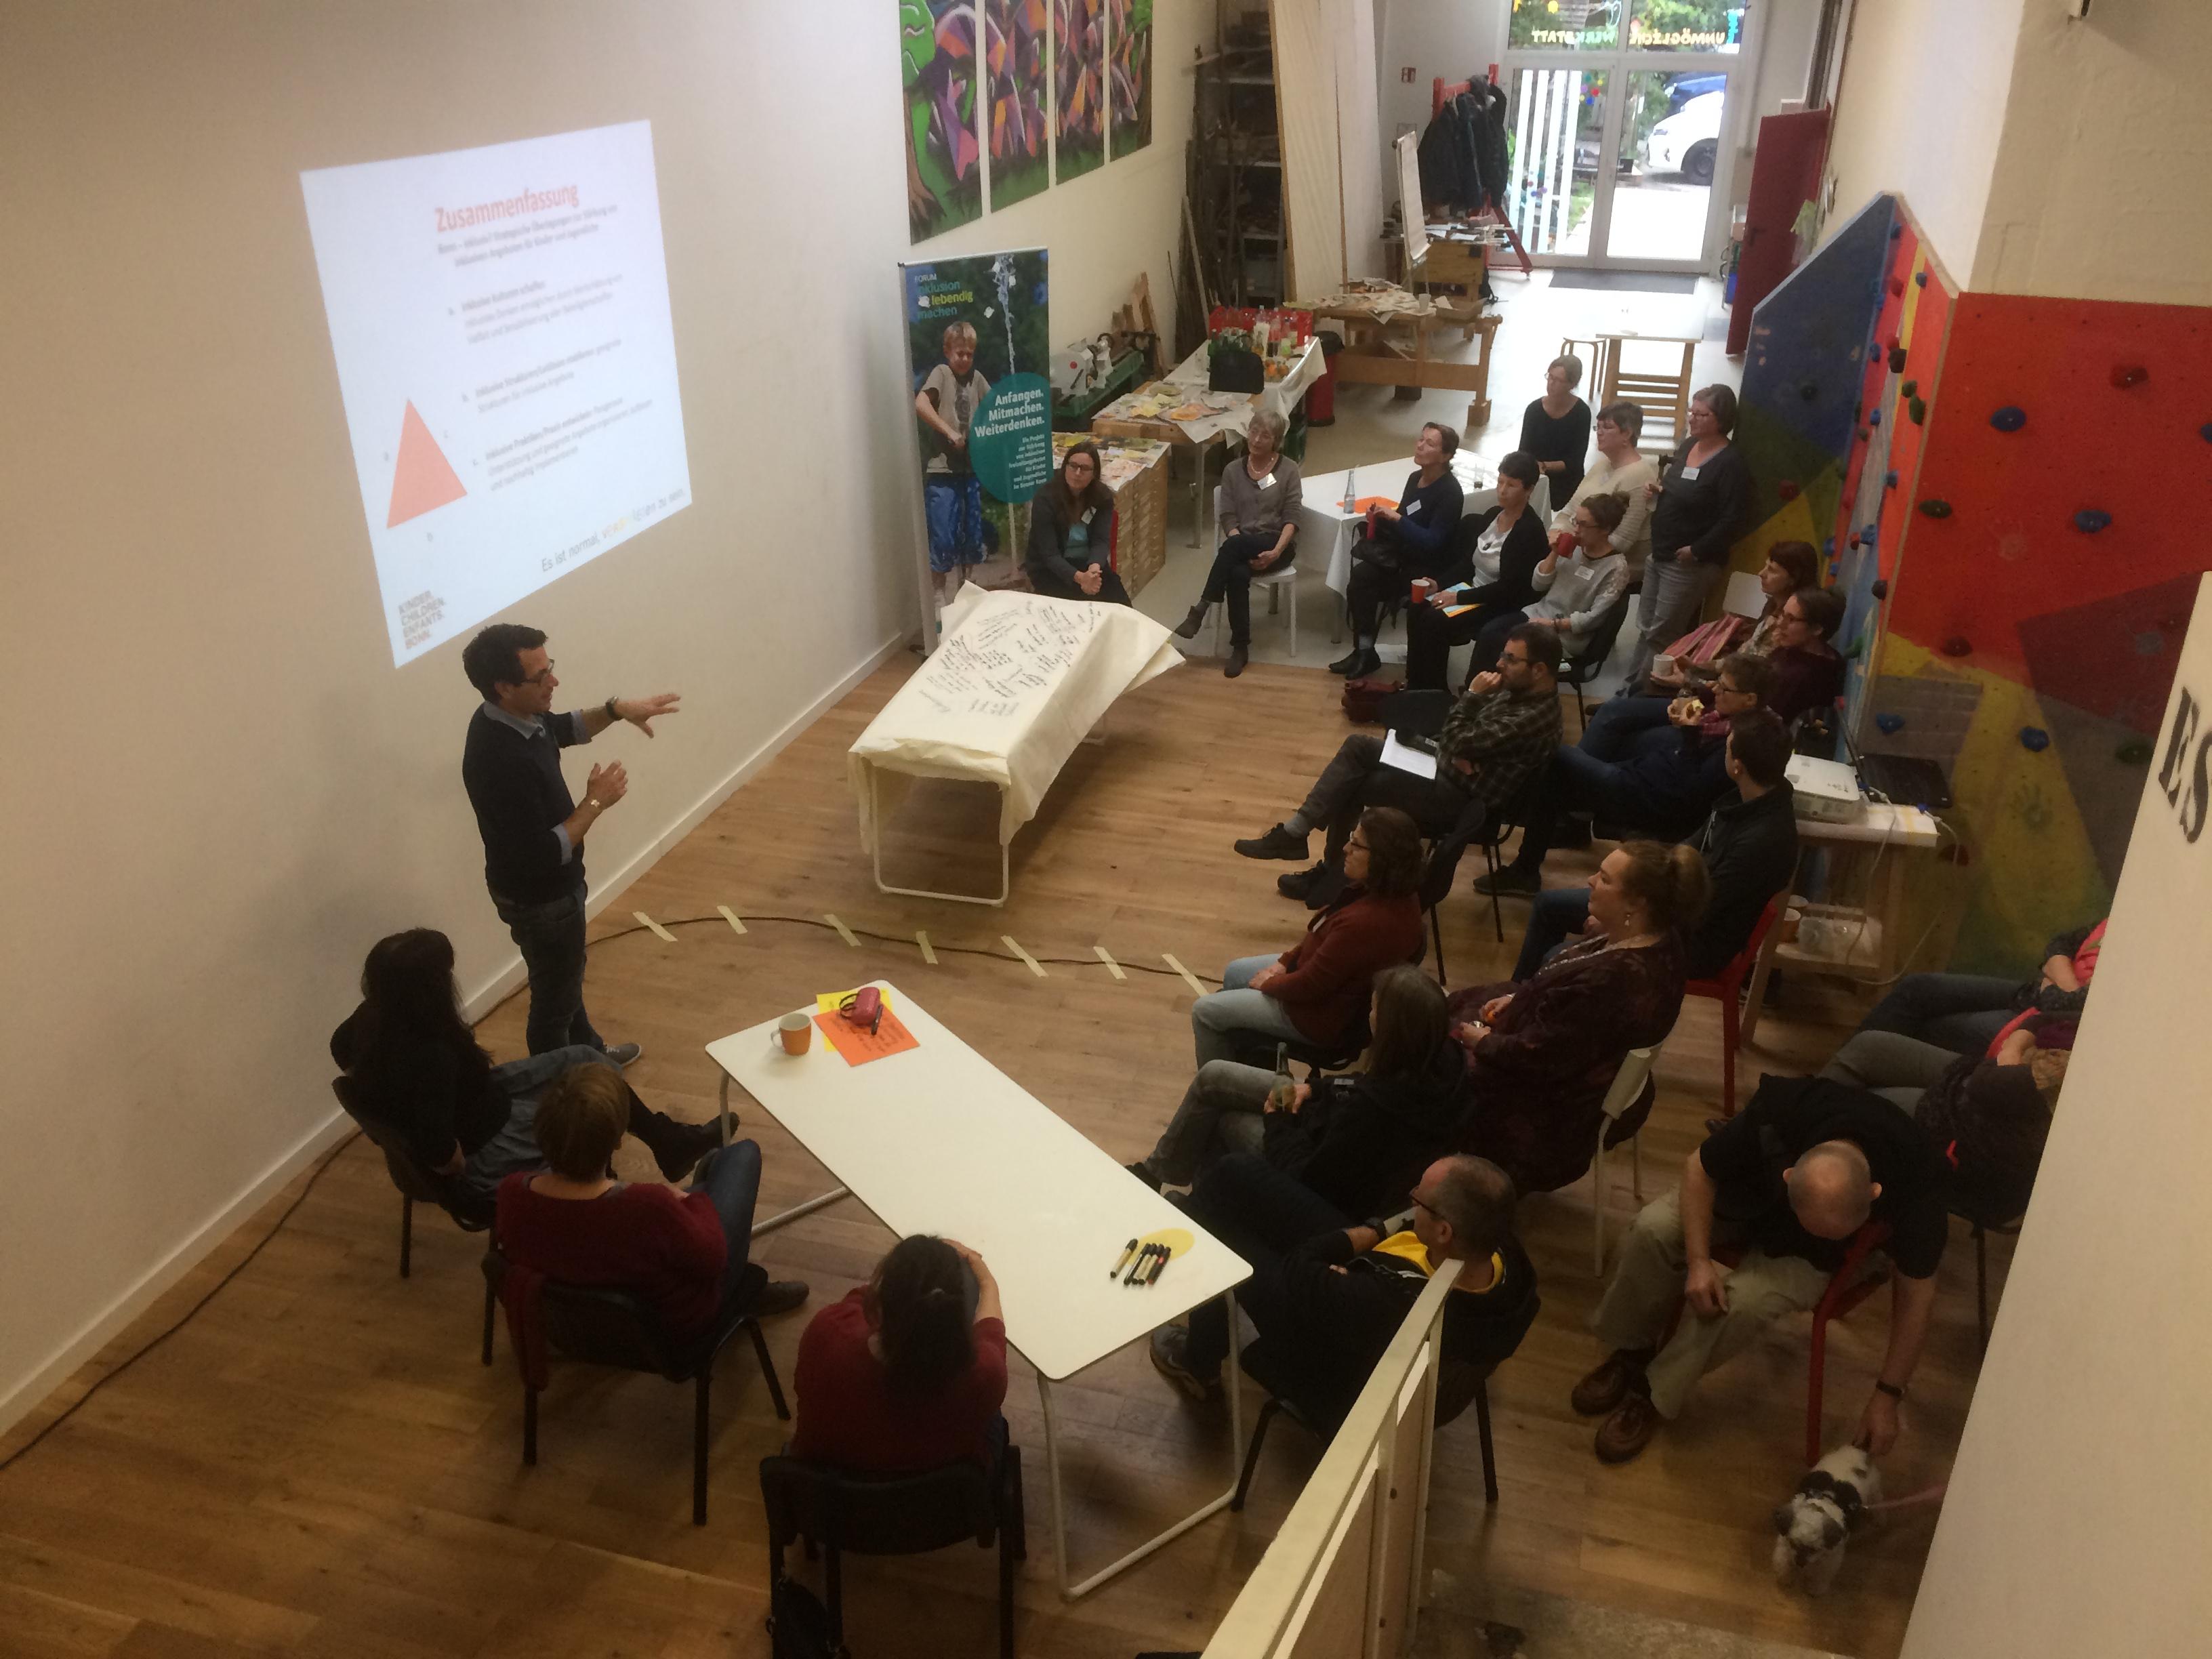 Ein Blick von oben auf die Werkstatträume von Abenteuer Lernen. Ungefähr vierzig Personen sitzen und hören einem Redner zu, der die Vorgehensweise des Worldcafes erläutert. Mit einem Beamer ist an einer Wand ein Schaubild projeziert.